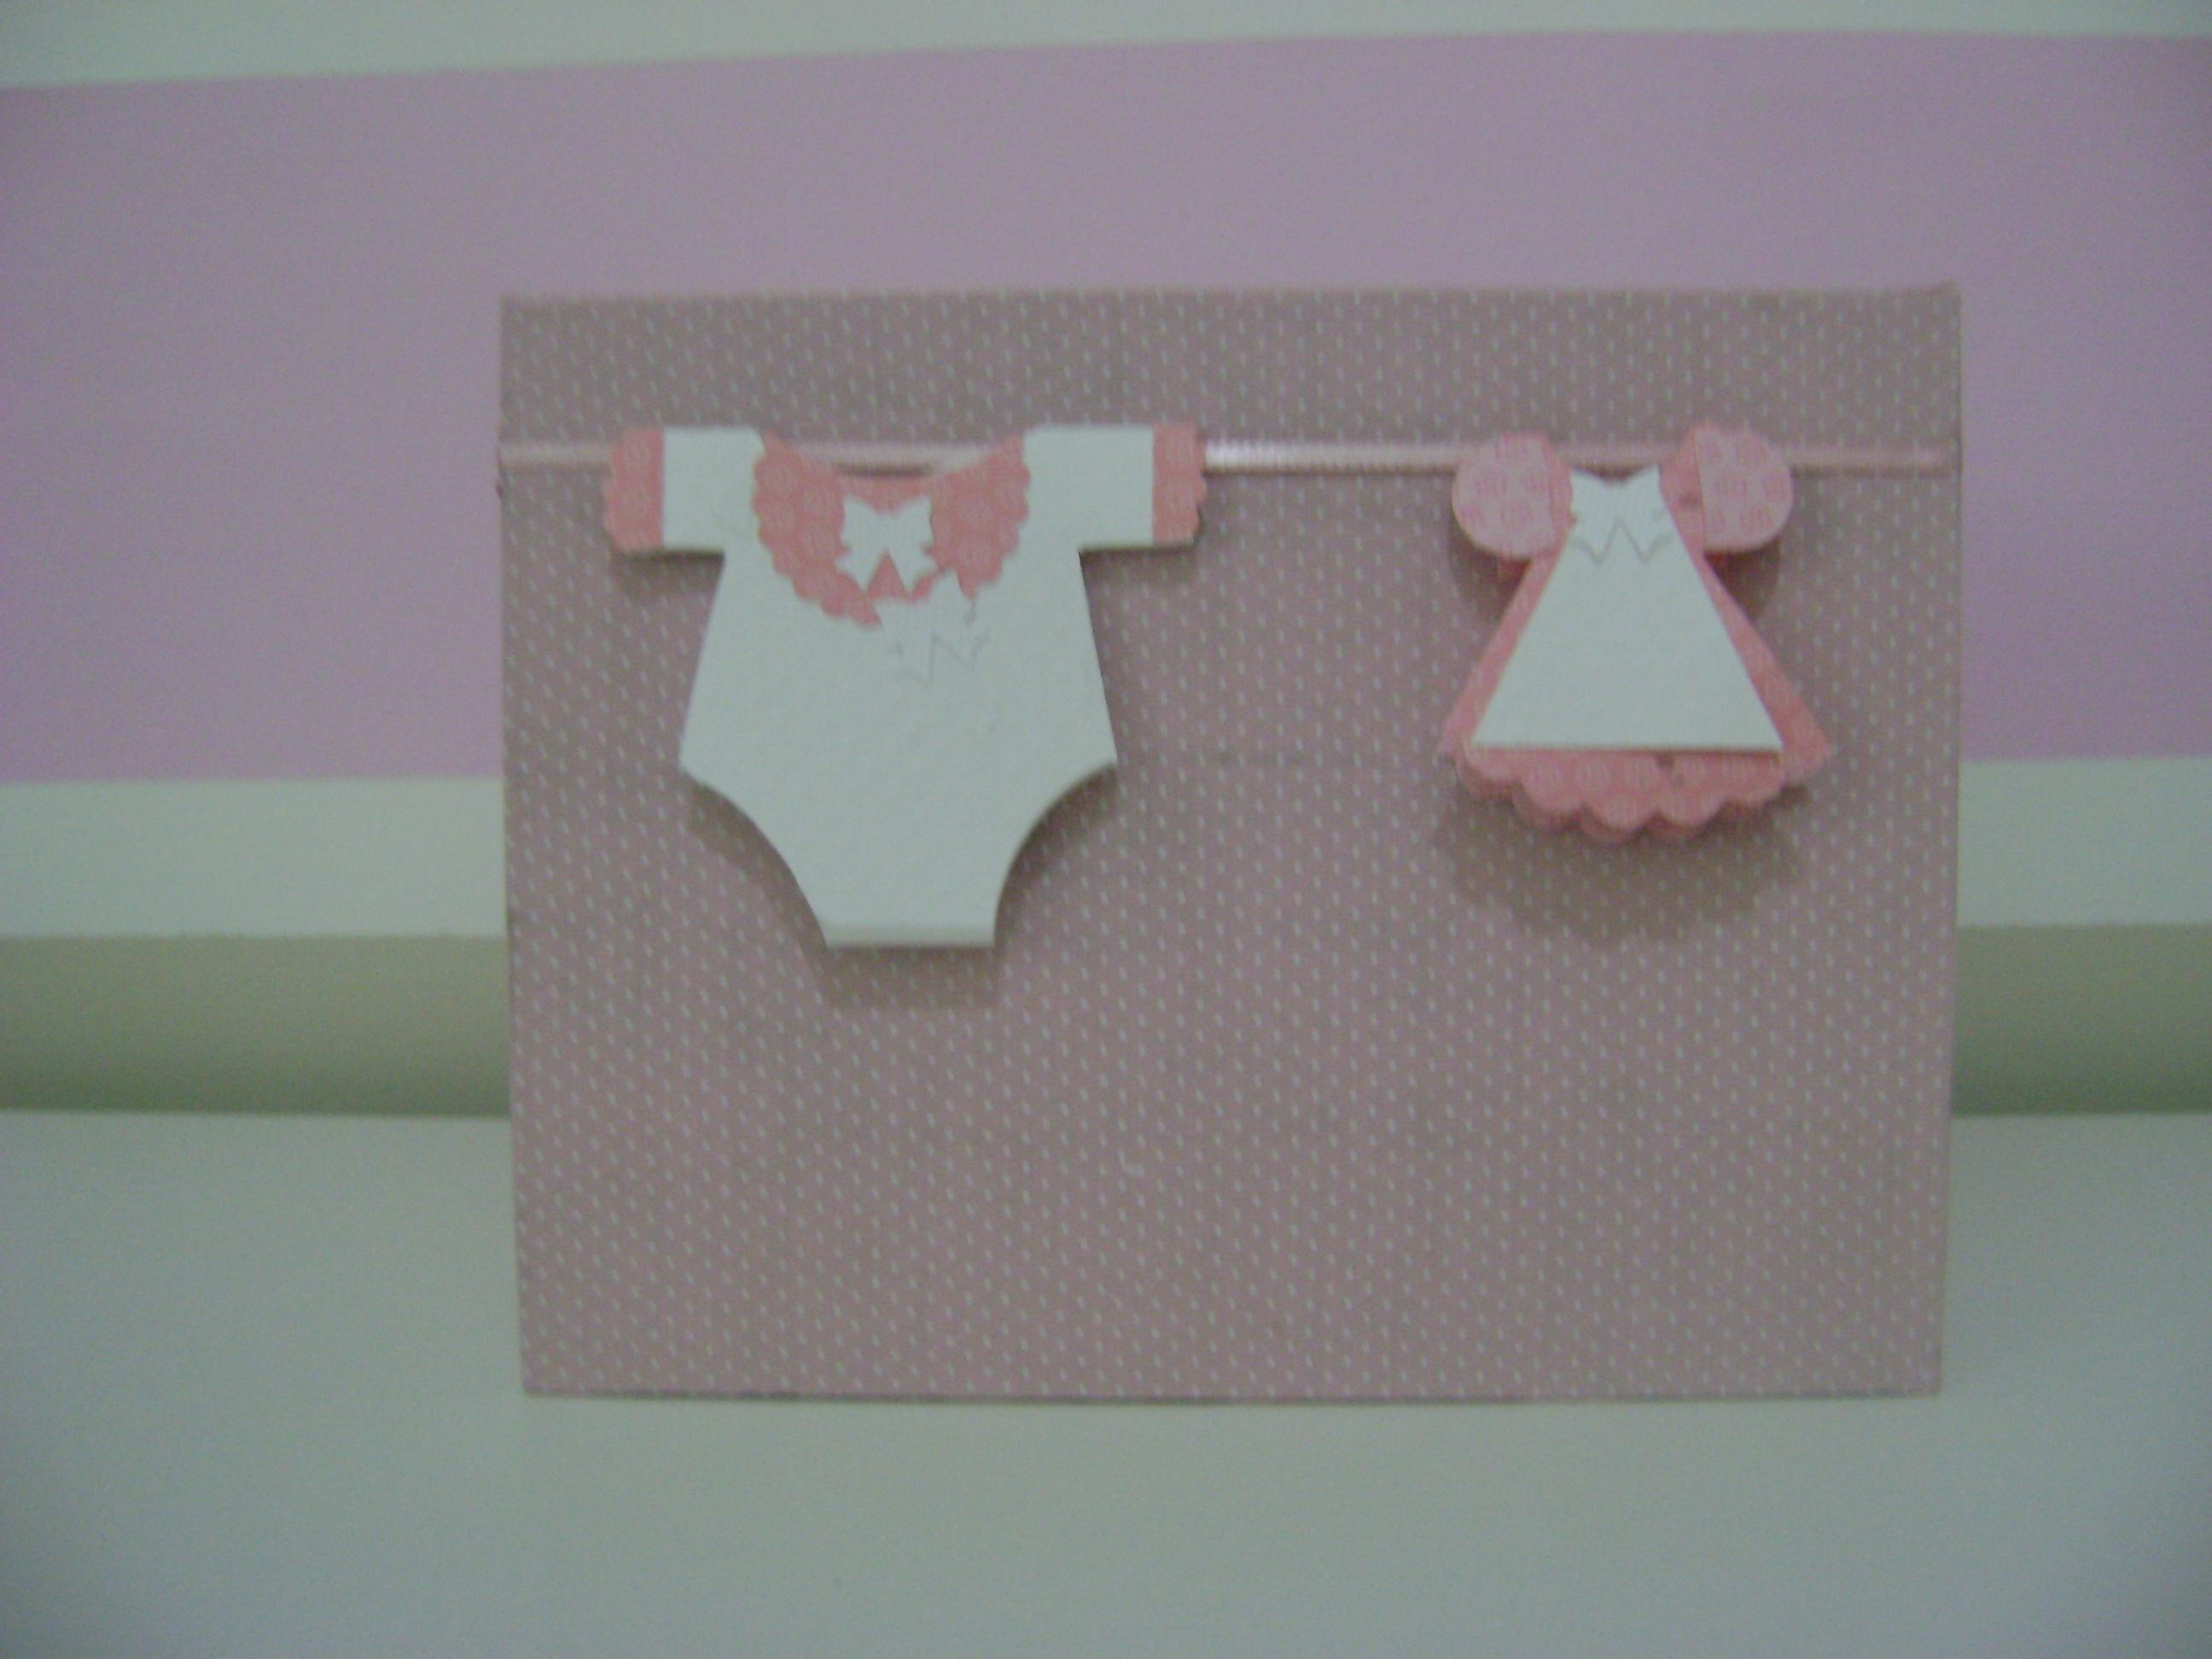 mdf decorada para cha de bebe caixa em mdf decorada para cha de bebe #51403B 2592x1944